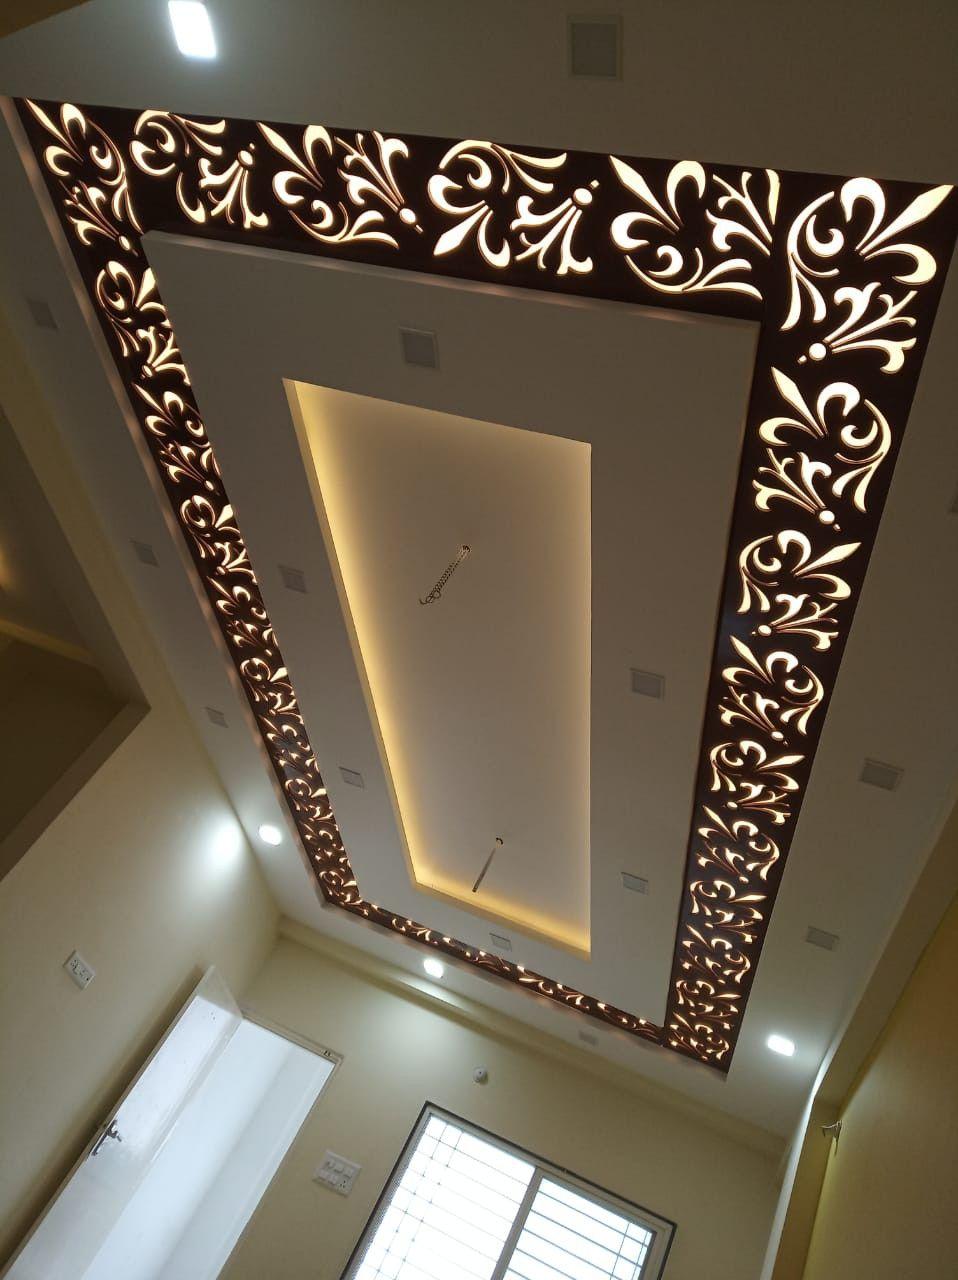 Pin By Islam Dewidar On Pop Luxury Ceiling Design Interior Ceiling Design Plaster Ceiling Design